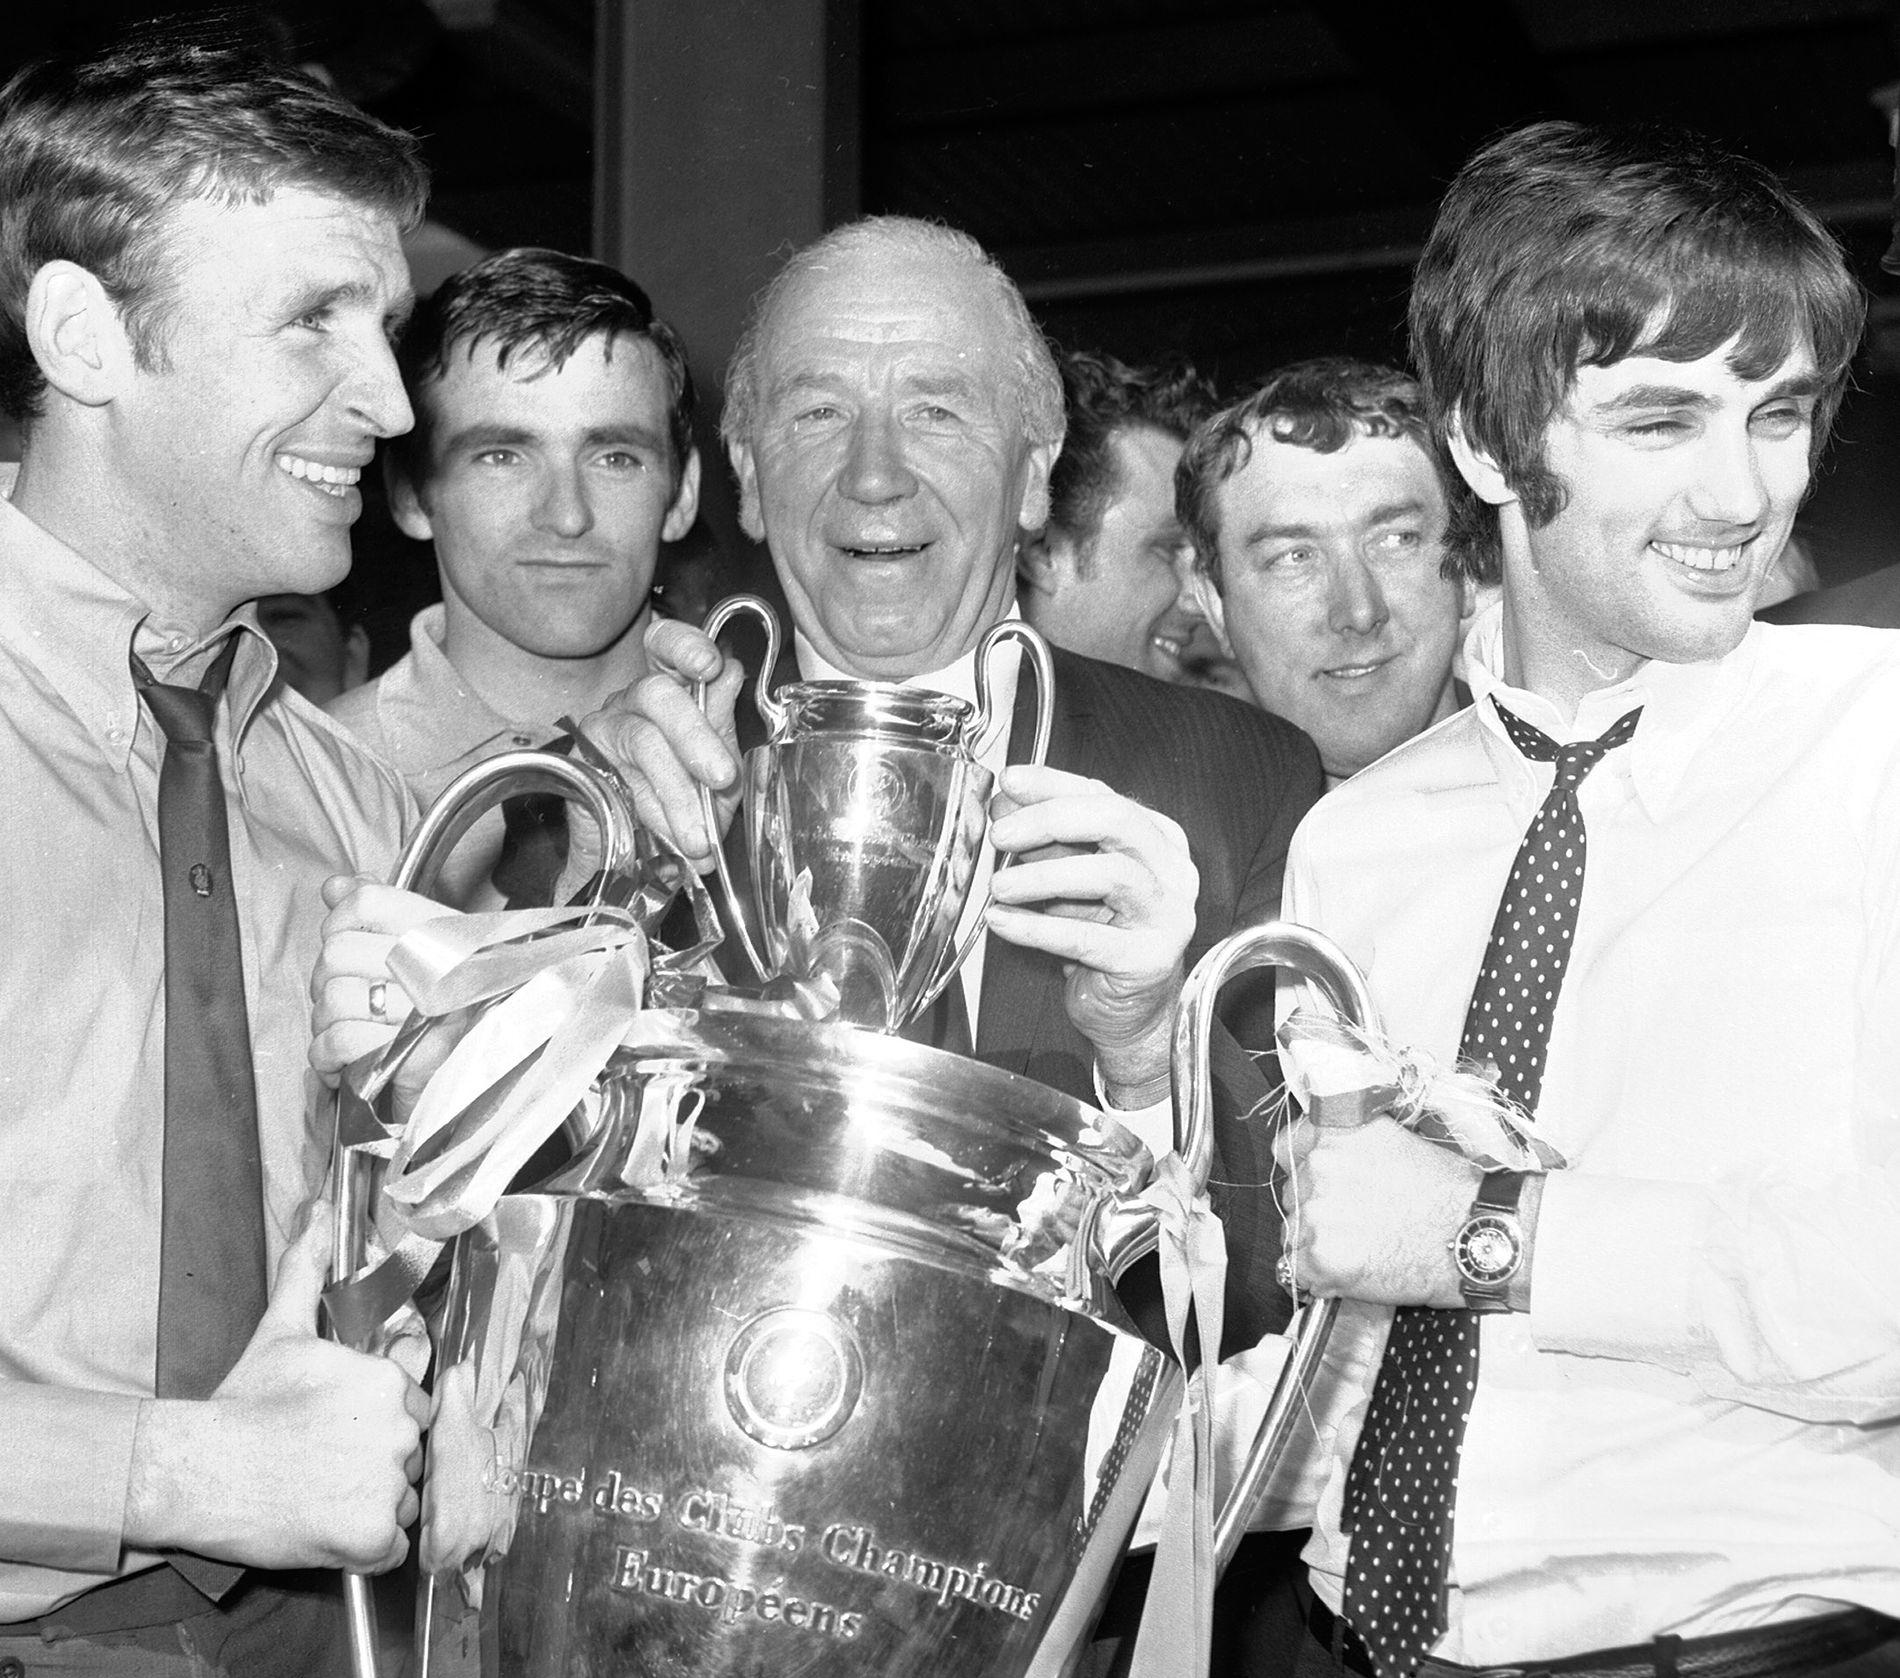 Etter 23 år som United-manager, ti år etter flytragedien, kunne Matt Busby løfte det gjeveste klubbtrofeet i Europa. Her sammen med Paddy Crerand (til venstre) og George Best etter 4–1 over Benfica på Wembley.